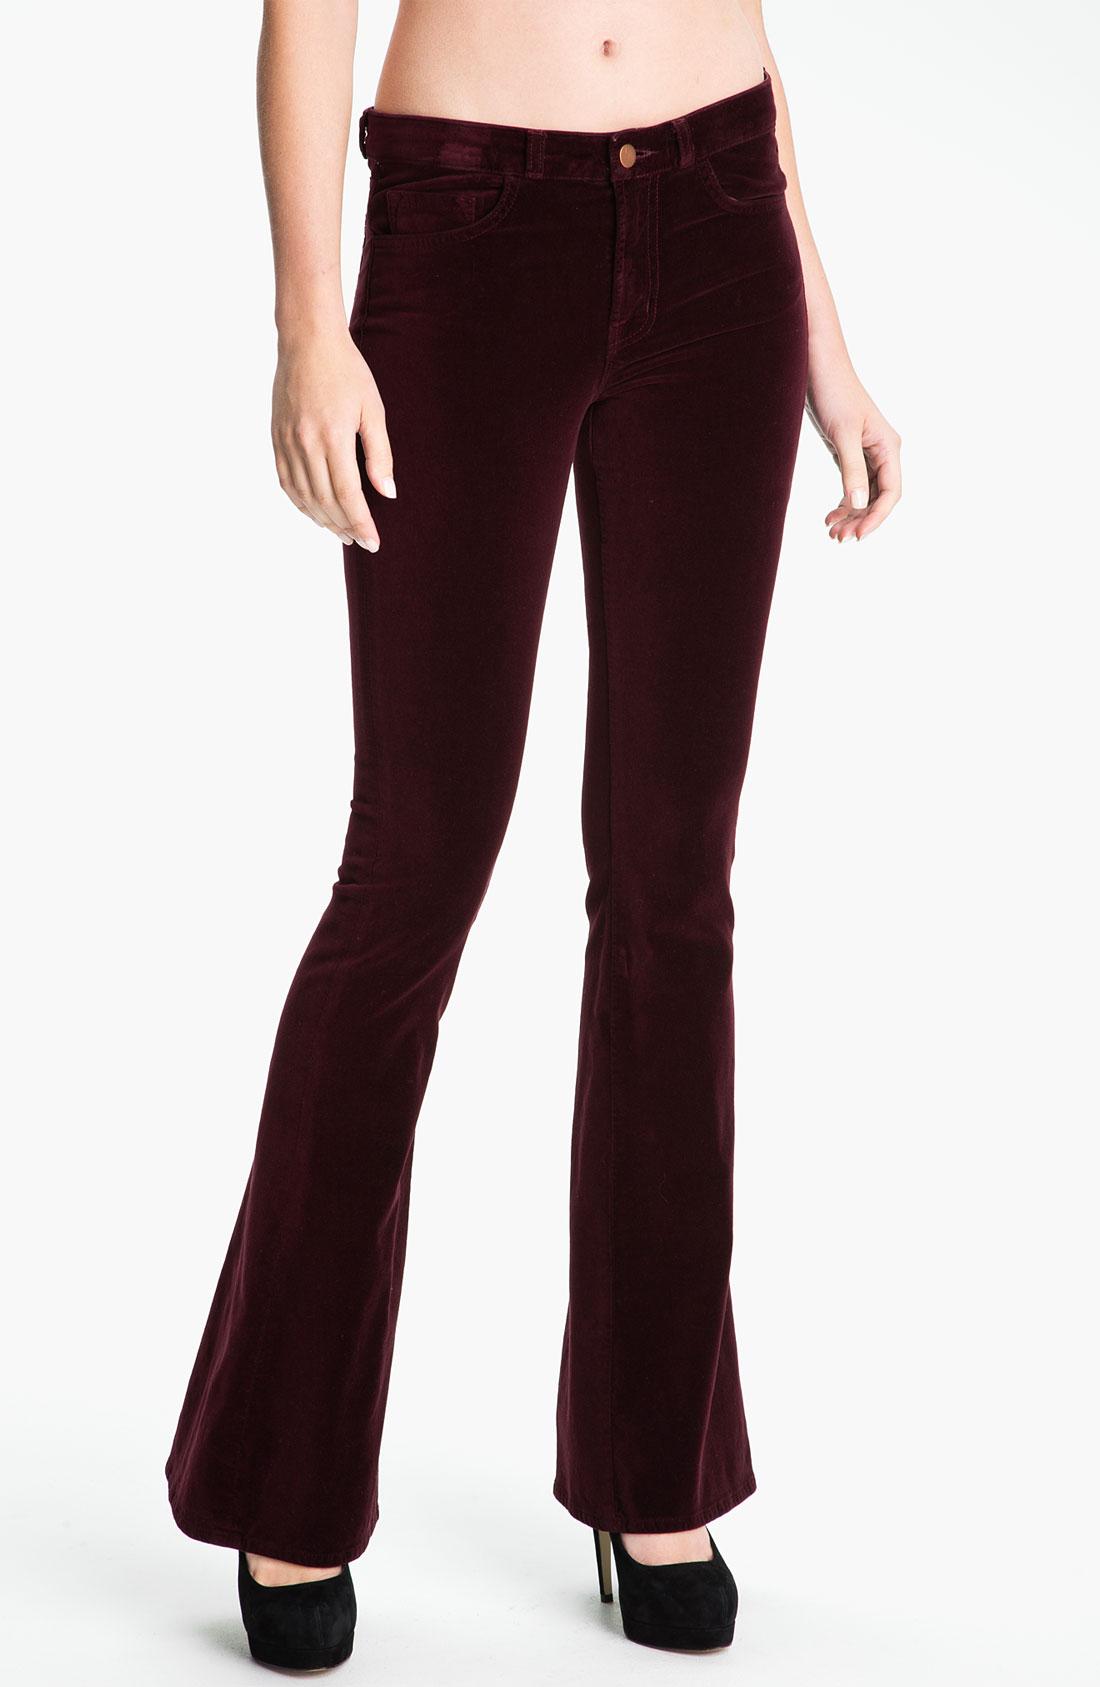 J brand 'velvet martini' skinny flare leg jeans